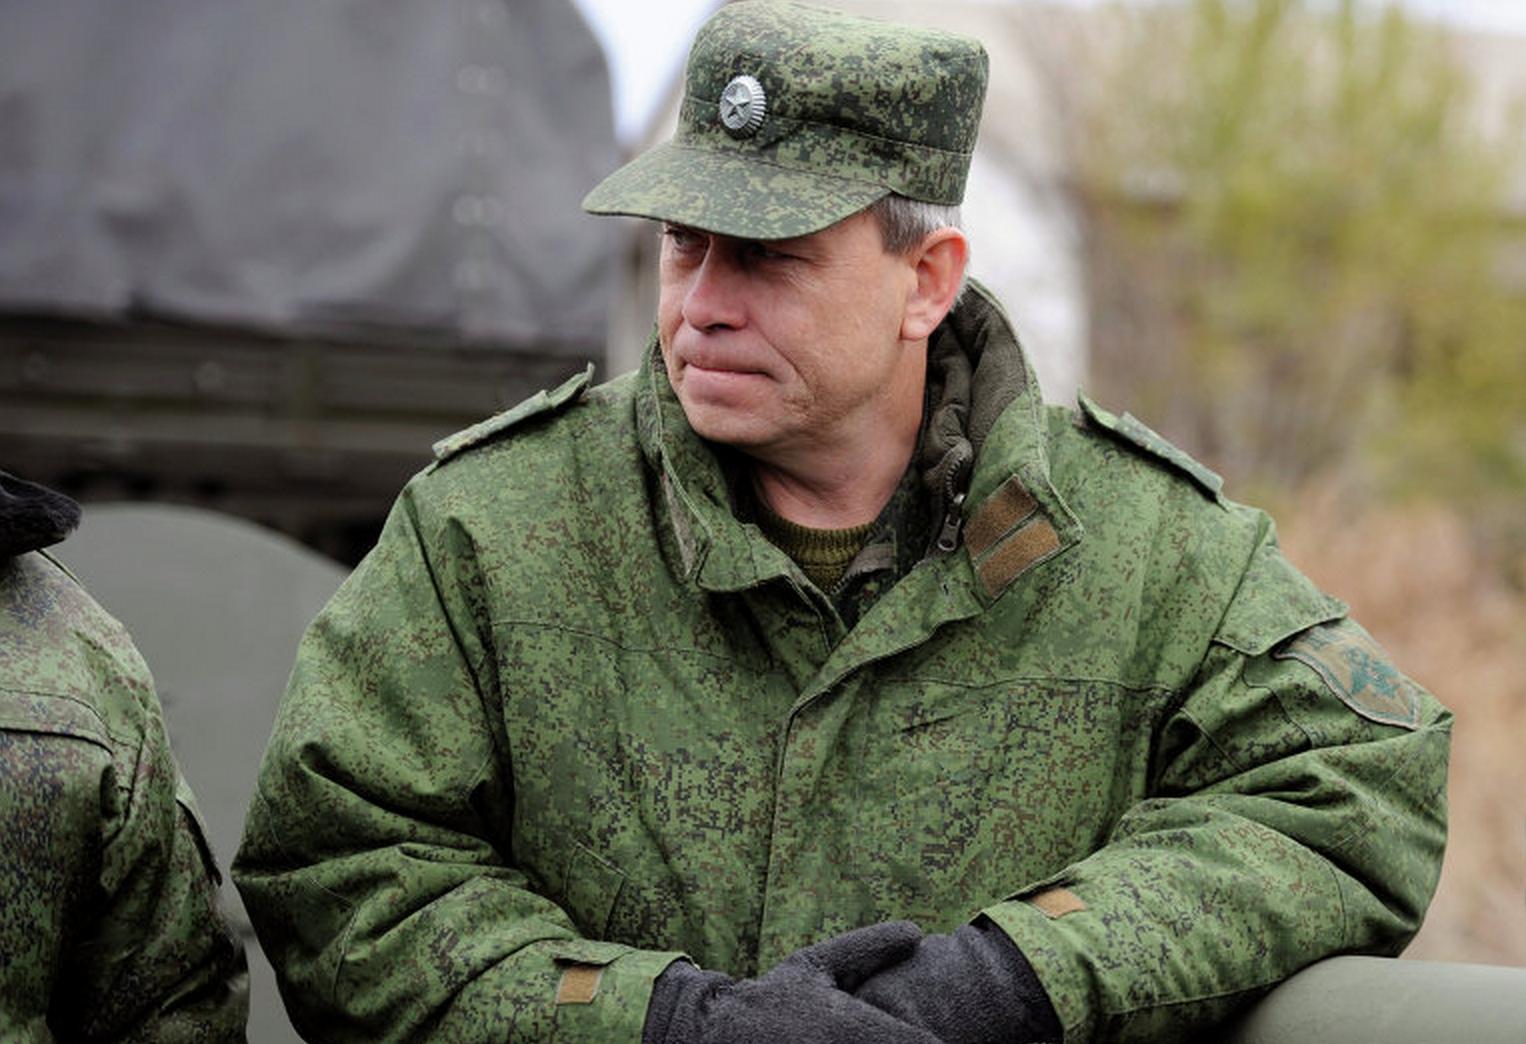 Интервью заместителя  командующего оперативным командованием ДНР Эдуарда Басурина